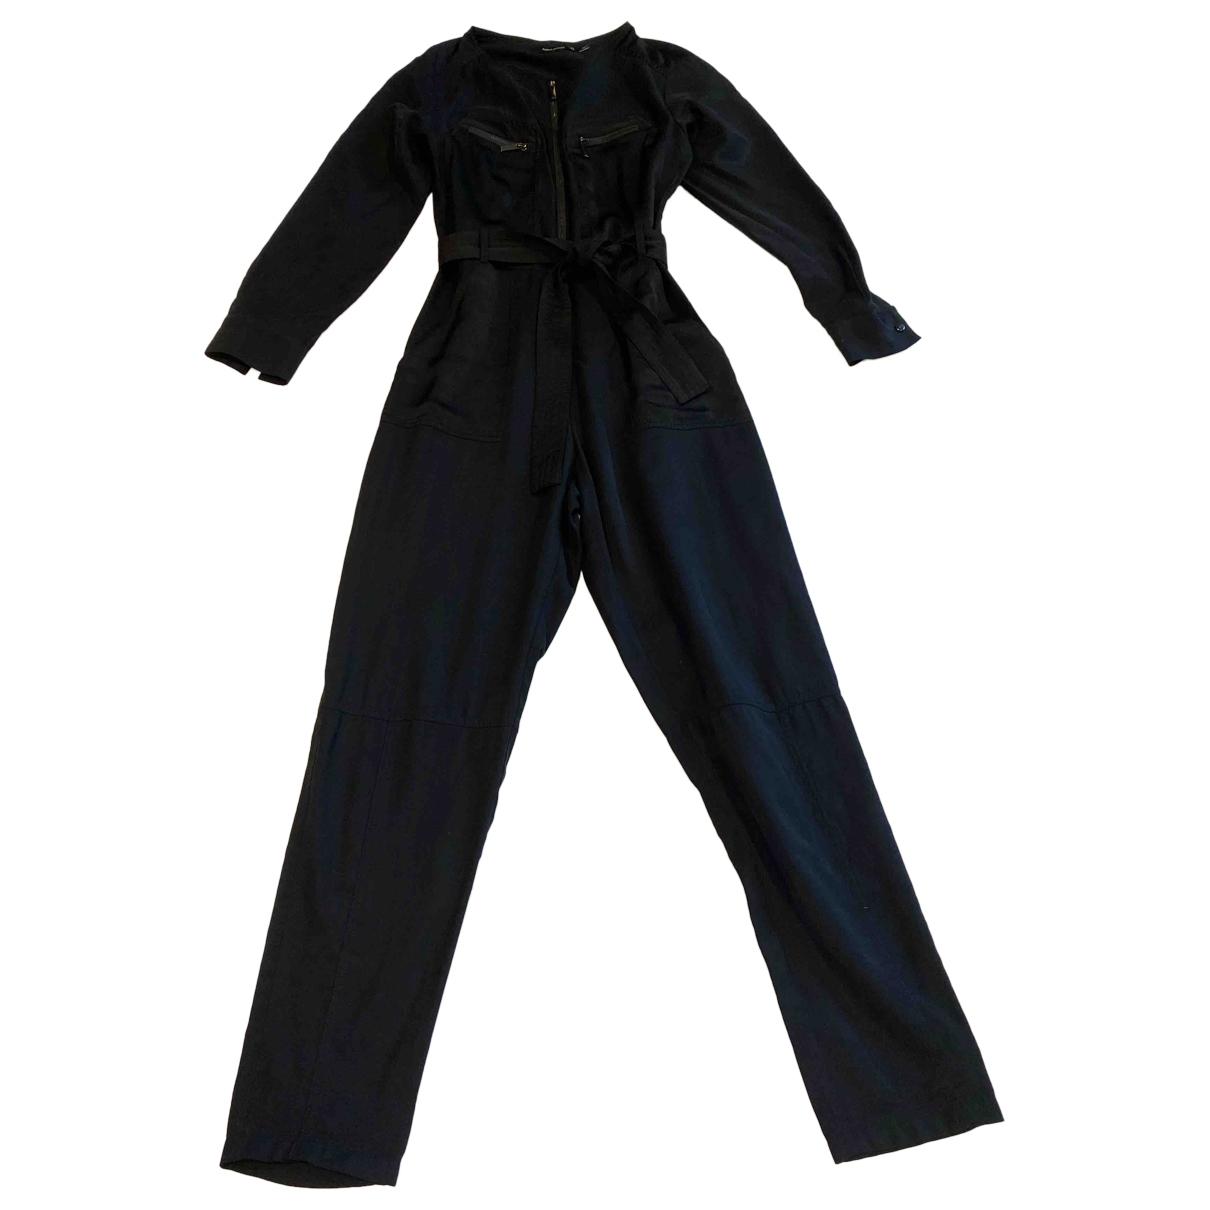 Karen Millen \N Black jumpsuit for Women 8 UK